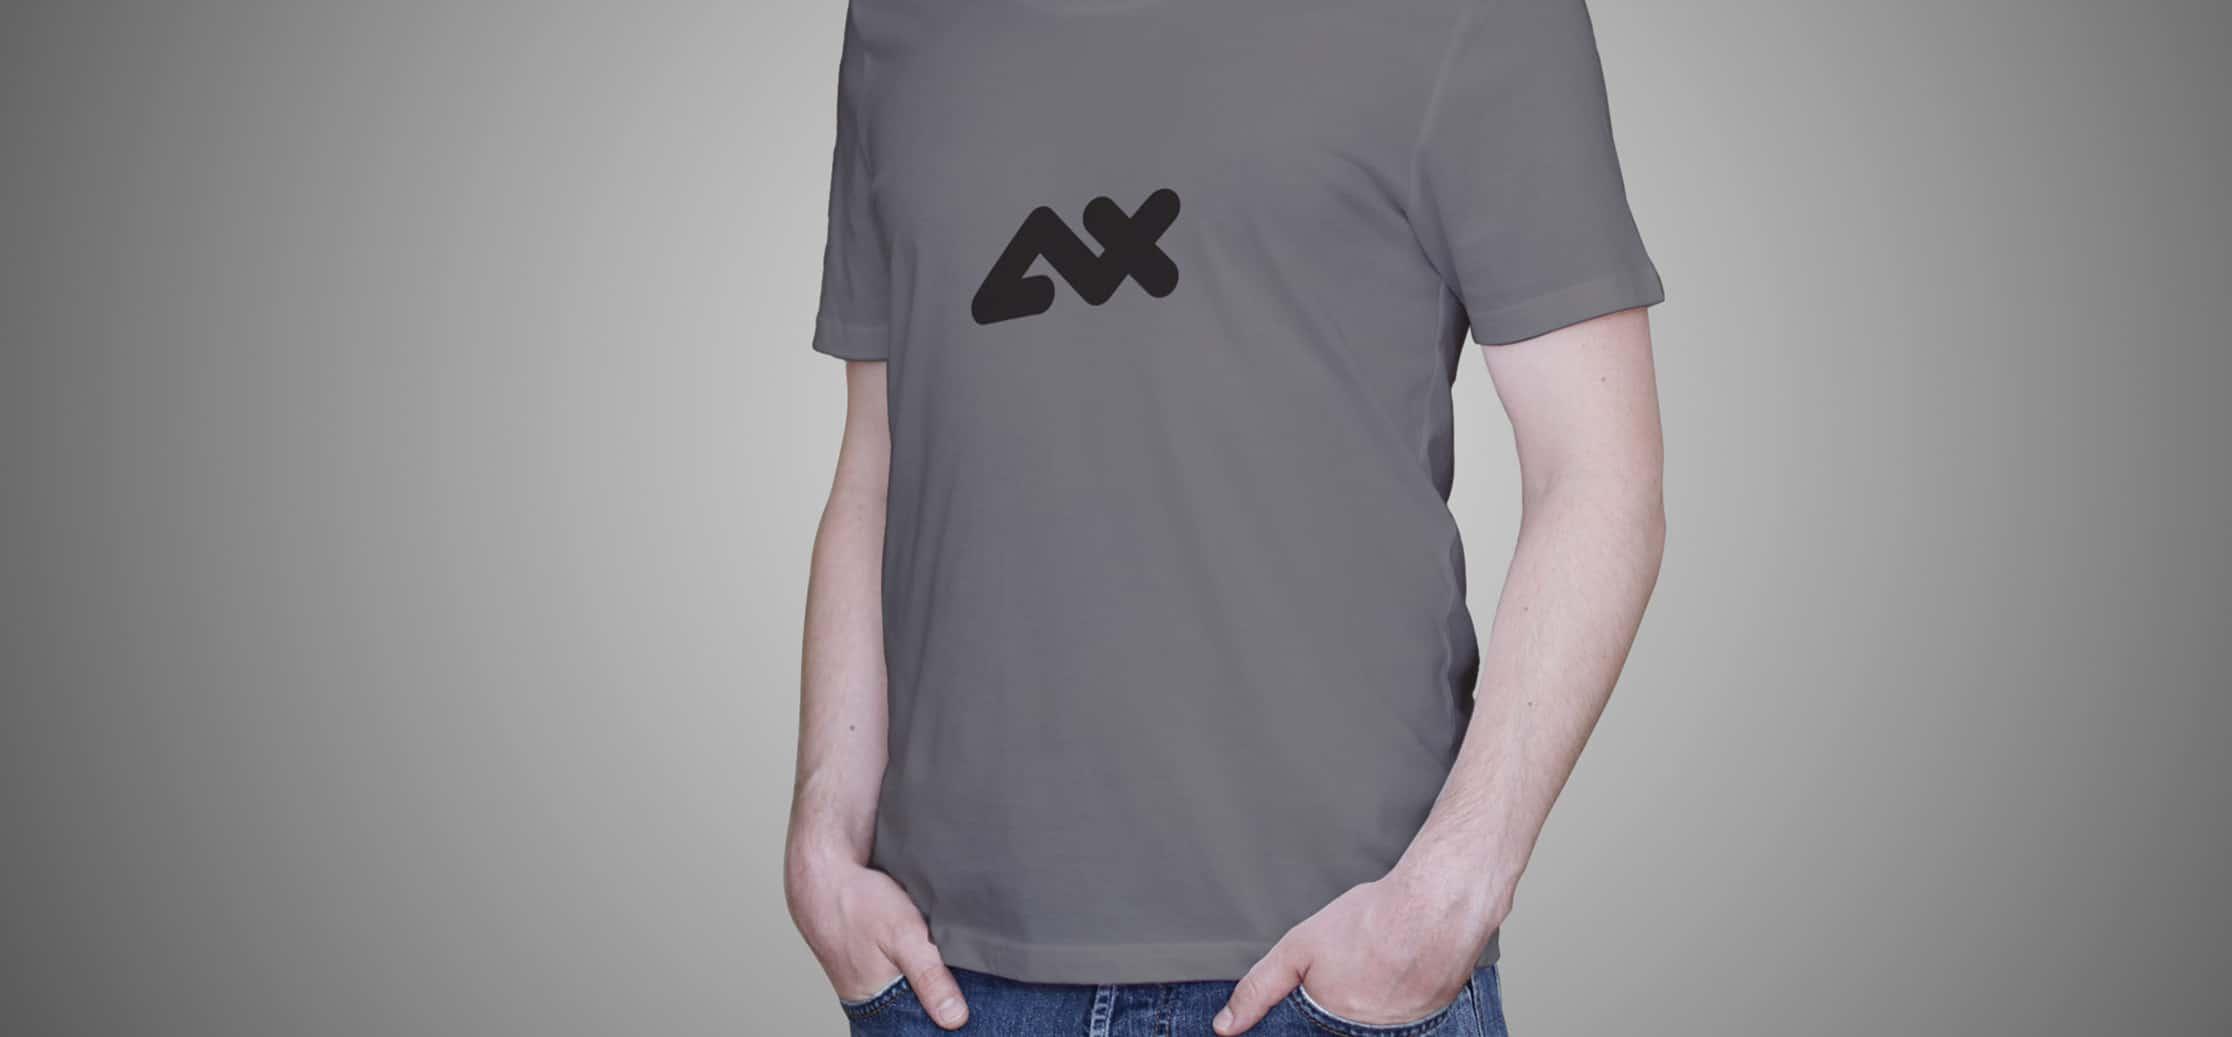 con4mx-tshirt-fullwidth